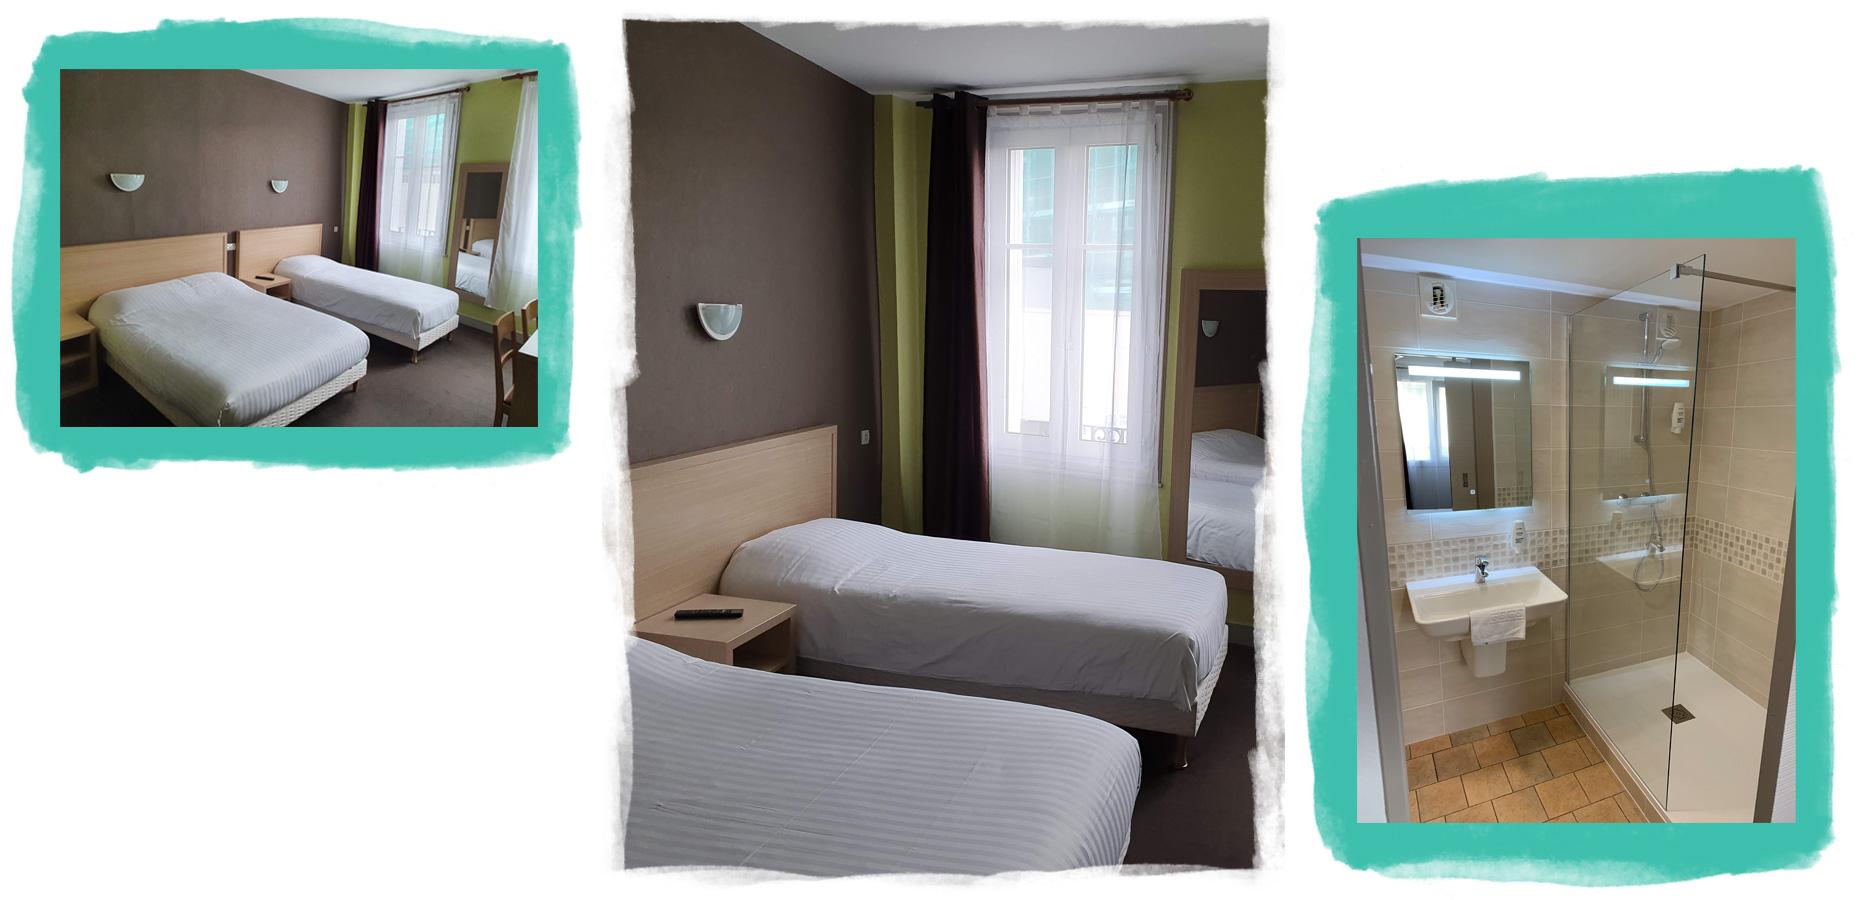 Vue d'une chambre chaleureuse avec un grand lit pour deux et un lit pour une personne